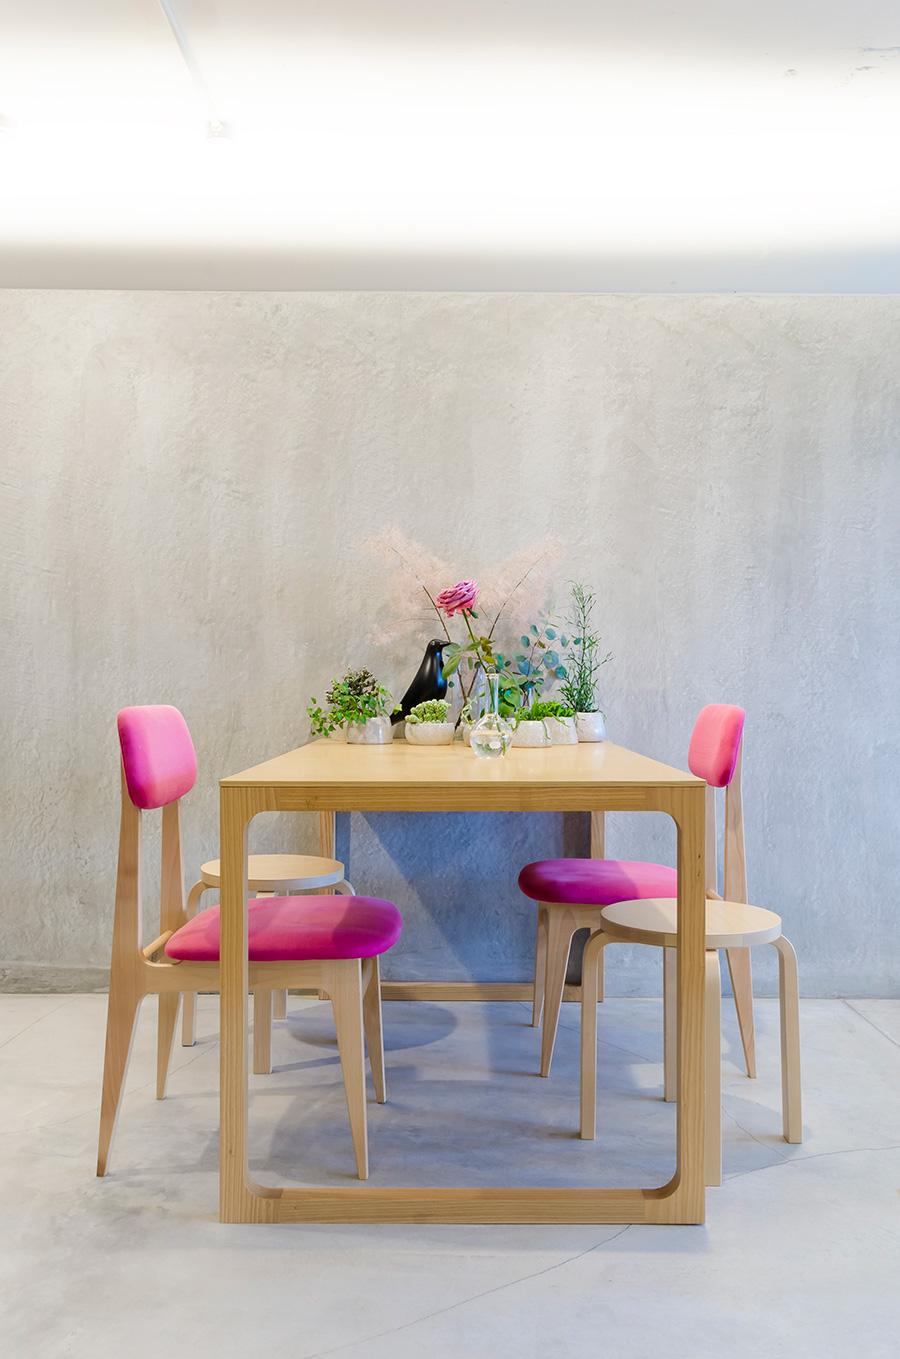 椅子、テーブル共に家具ブランド「IDÉE」のもの。